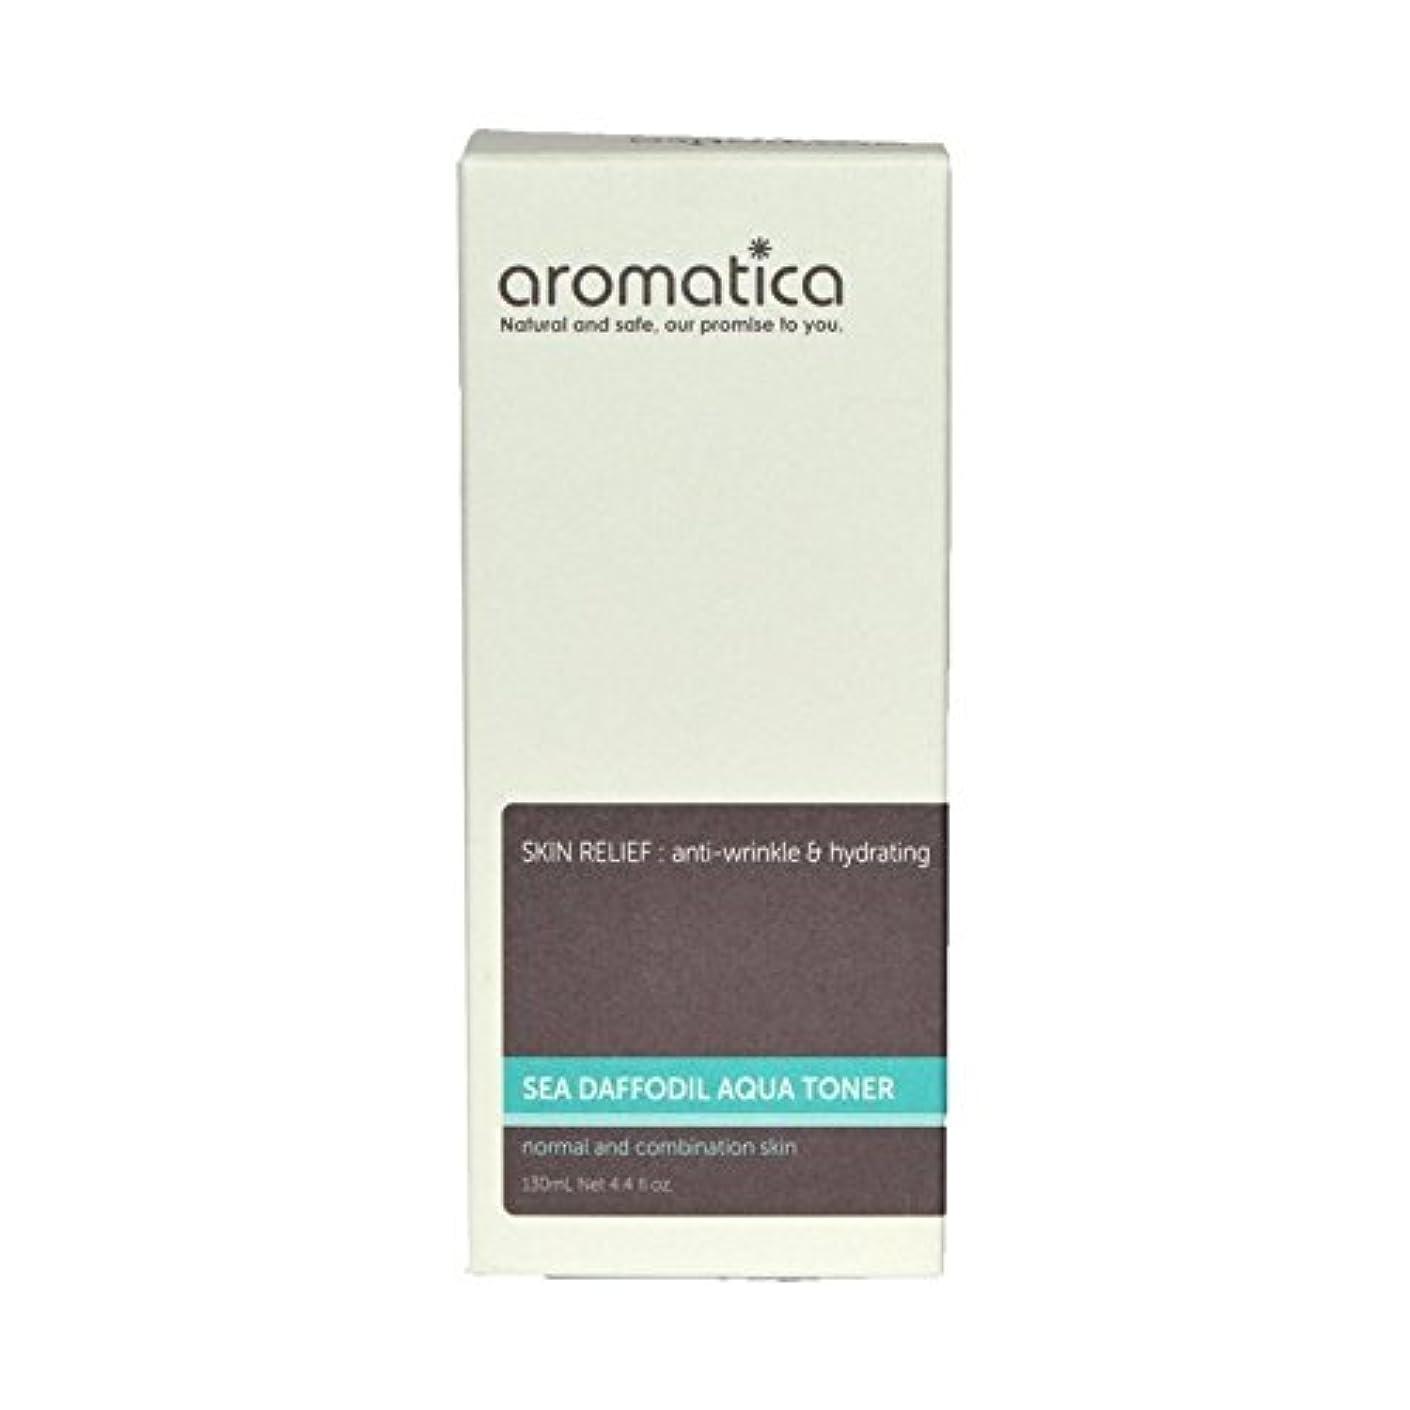 毛皮妊娠した放送aromatica Sea Daffodil Aqua Toner 130ml (Pack of 6) - 海スイセンアクアトナー130ミリリットル x6 [並行輸入品]